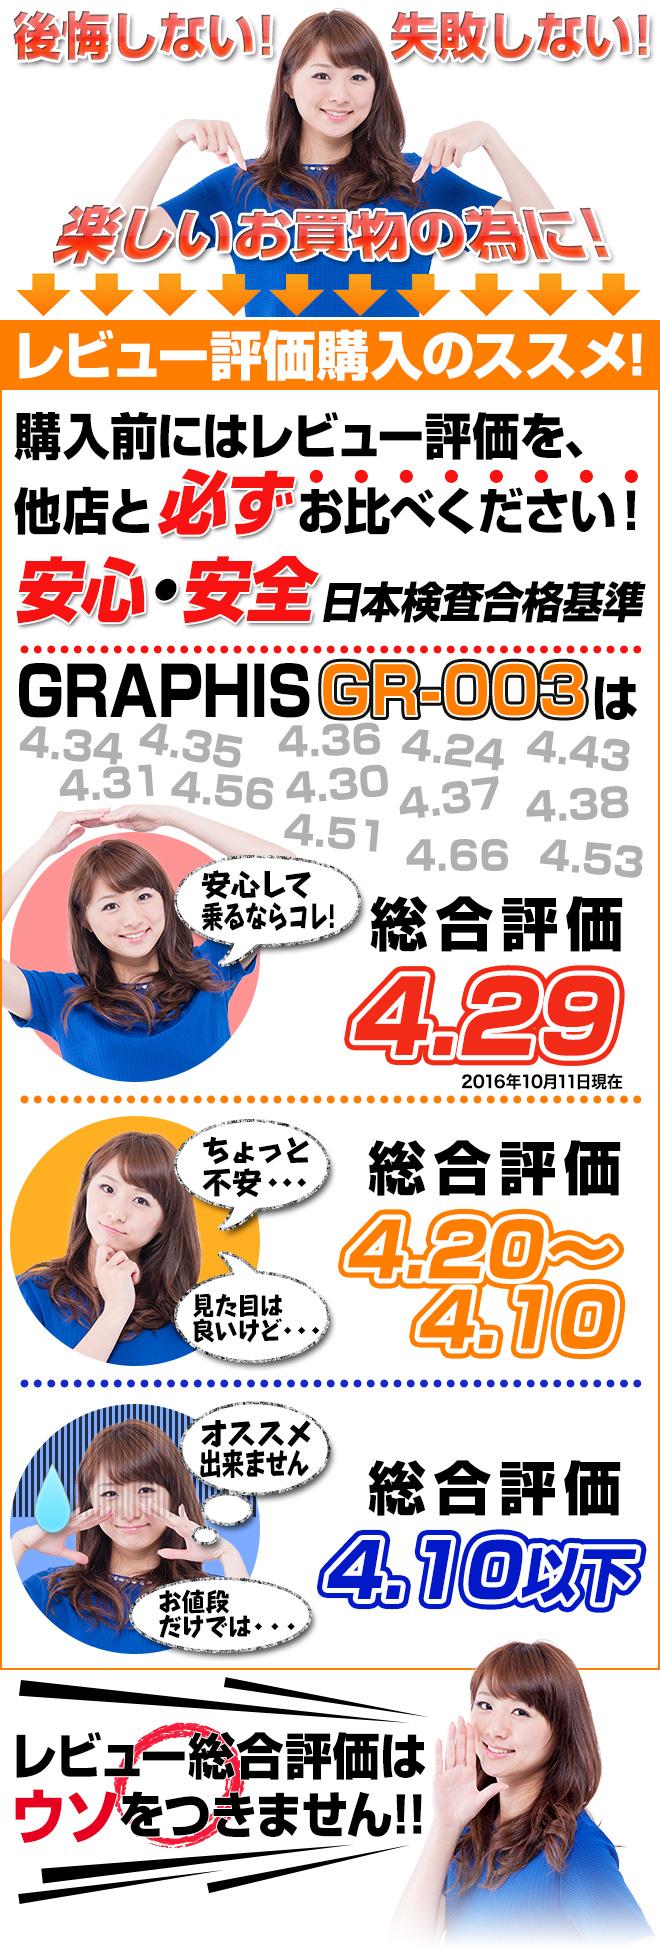 rev-susume_003.jpg